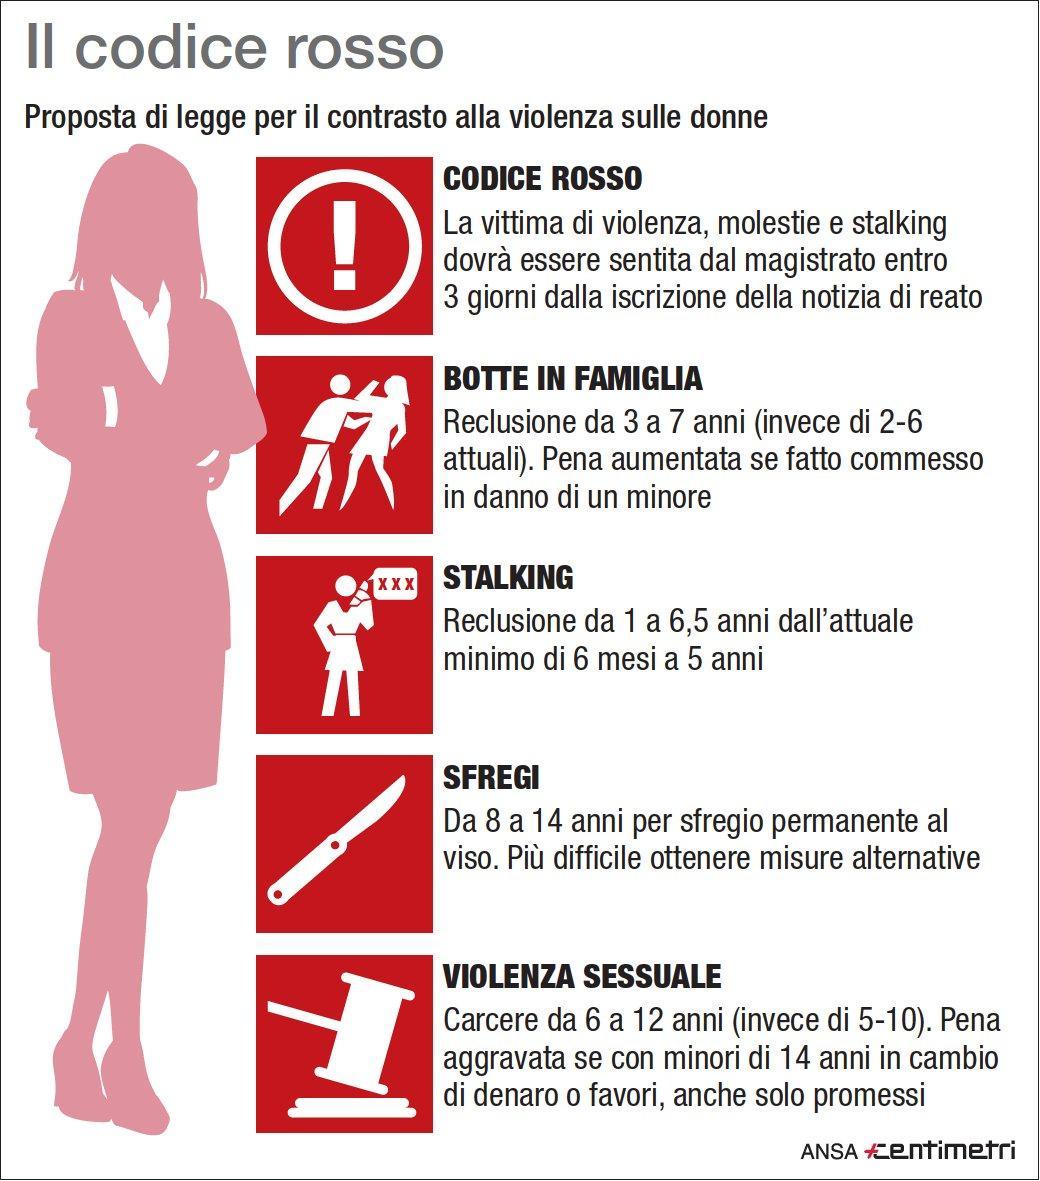 Violenza alla donne, la proposta di legge